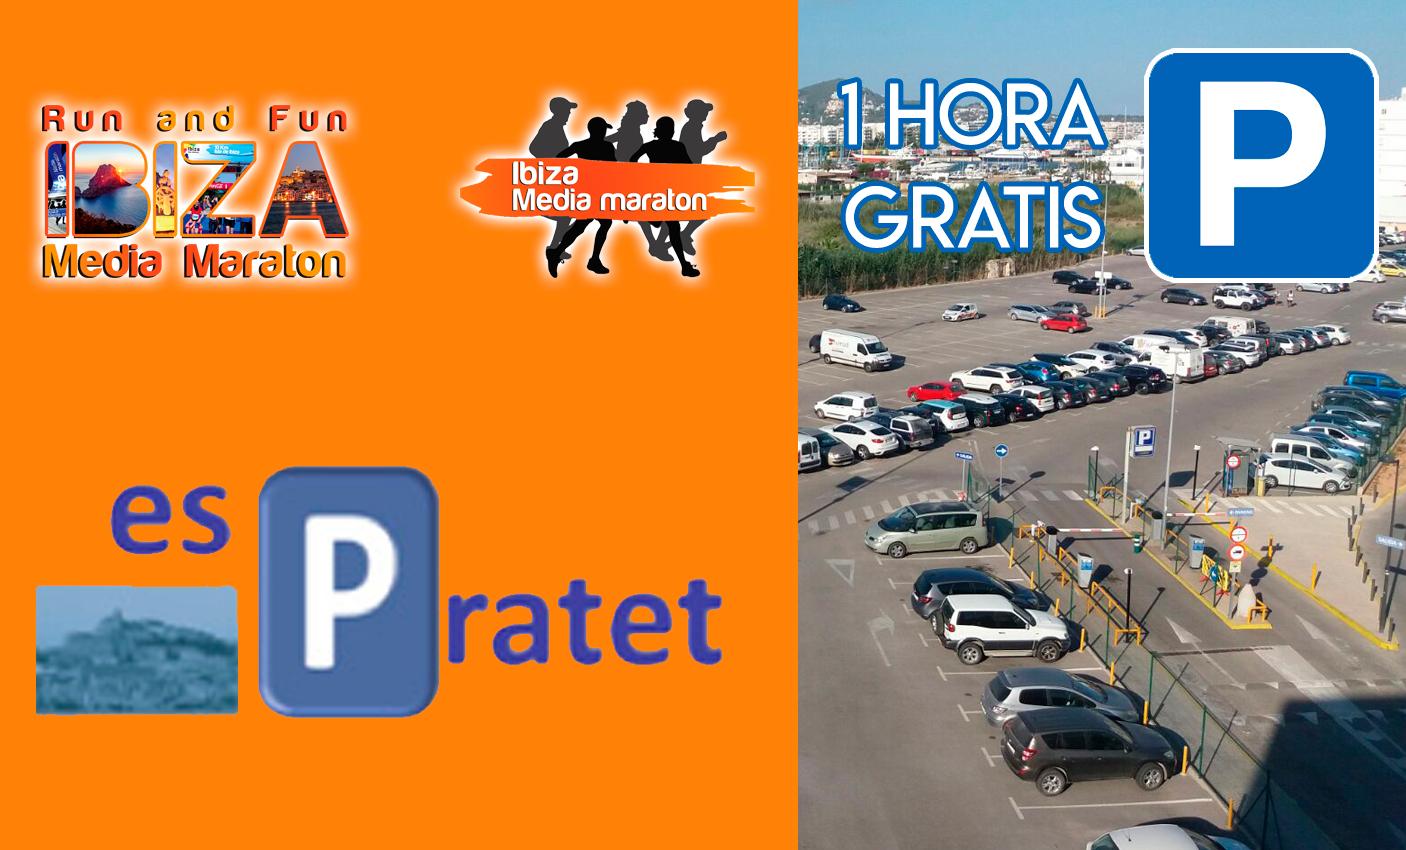 Una Hora De Parking Gratis Para Cada Participante Por Cortesía De Parking ES PRATET